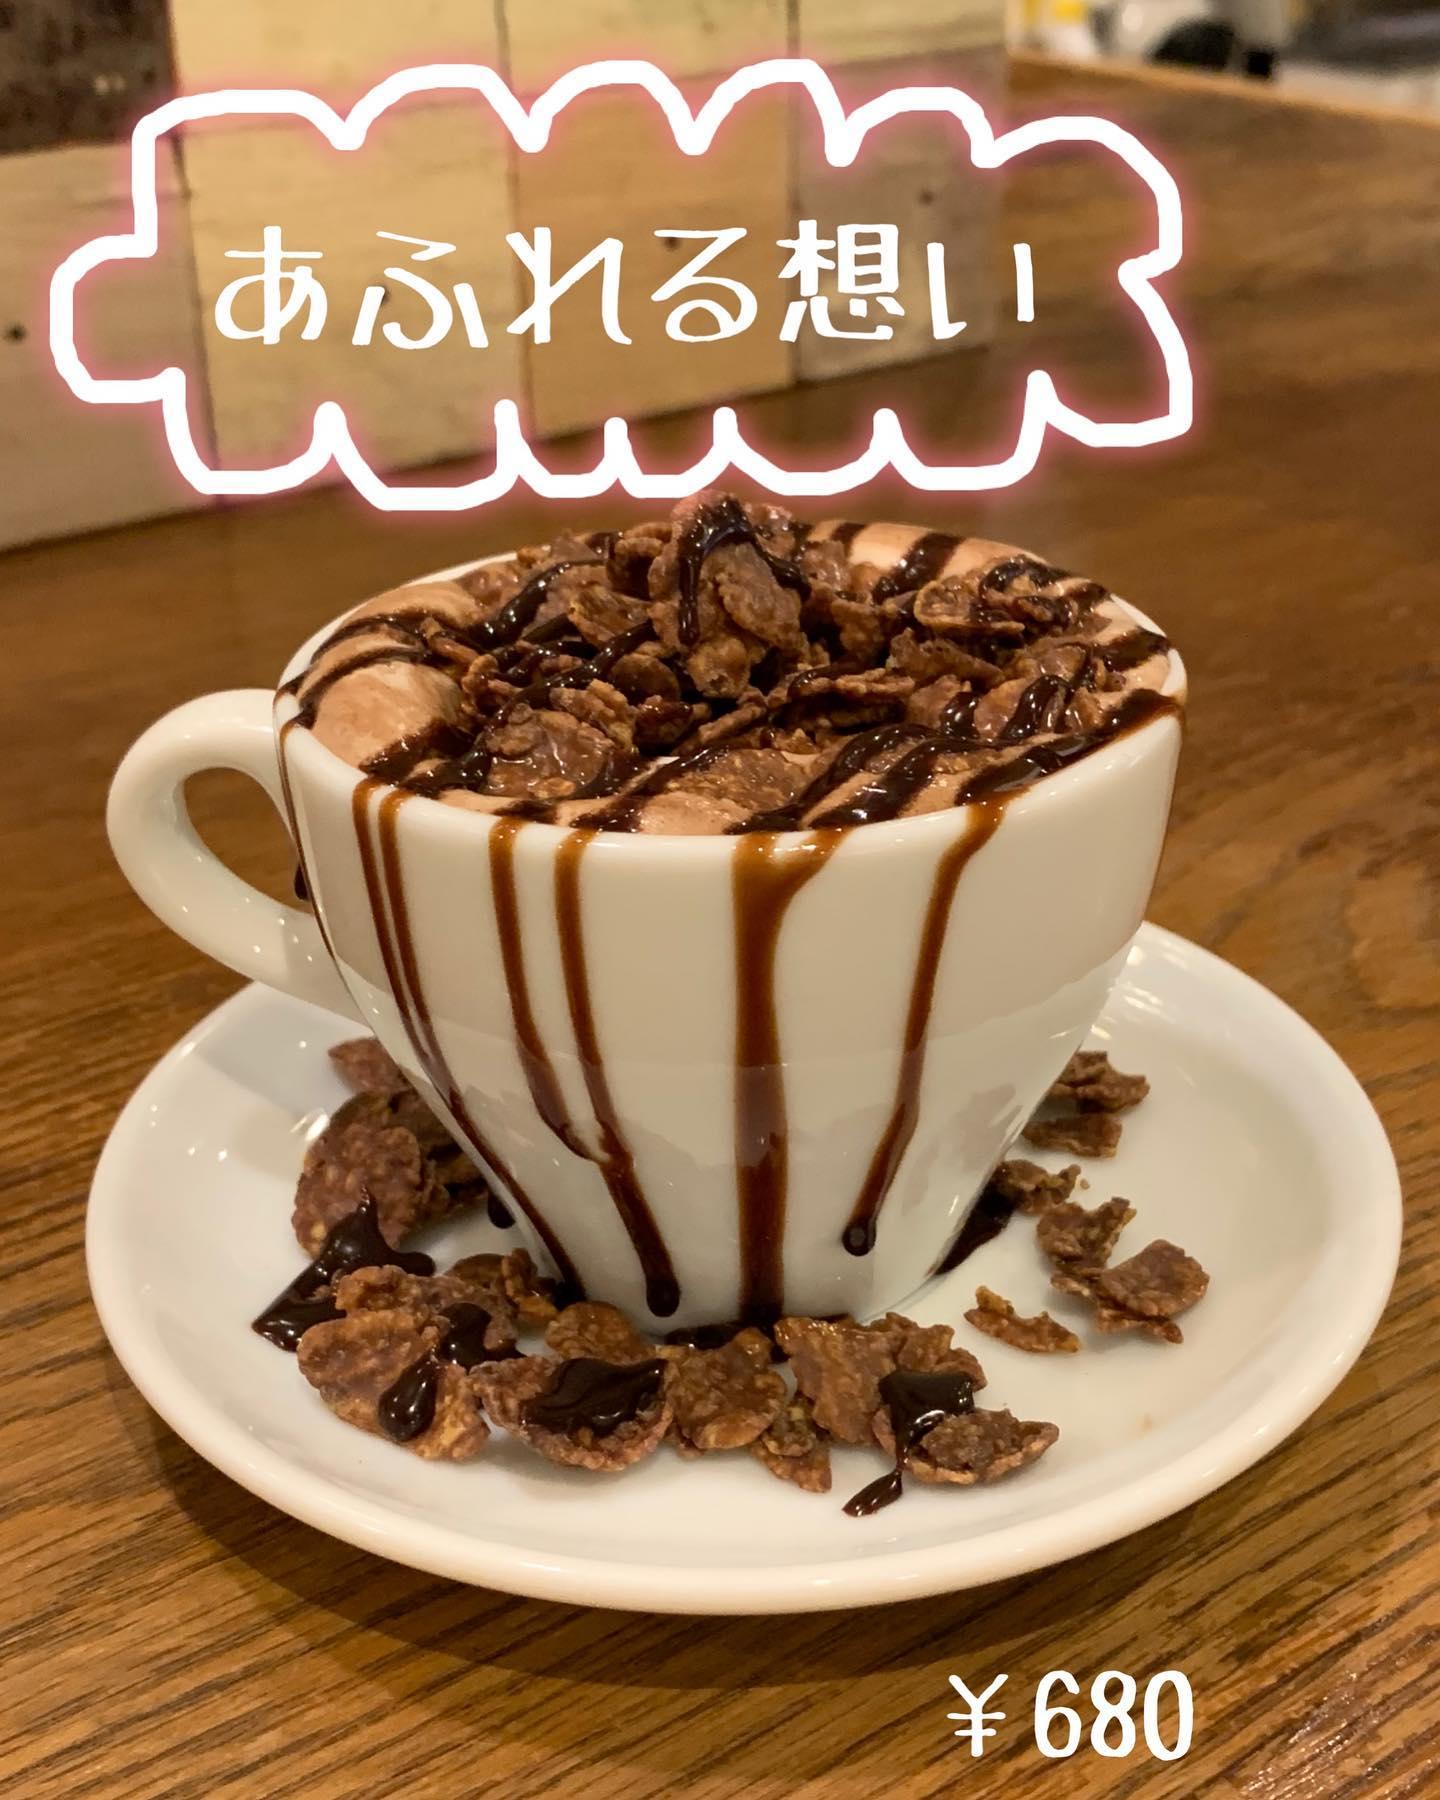 あふれる想いは680円️安い想い‥笑おはようございますFIKACOFFEEエリカです今日からインスタ限定メニュー『あふれる想い』スタートです️店内メニューには載ってません!!インスタ見てくれているみなさんだけ知ってるメニューです️今日から寒さ増し増しなので誰かへのあふれる想いを語りながらあったまりましょー️ちなみにわたしは‥聞きたいはわたしまで♡FIKA COFFEE(フィーカ コーヒー)福岡県福岡市博多区下川端町3-1 博多リバレイン1FTEL0922926601営業時間→平日9:00〜20:00  土日祝9:00〜18:00店休日→不定休(早く閉めたり休んだりすることもあります。お許しください)#cafe#coffee#fika#fikacoffee#福岡#福岡グルメ#福岡カフェ#博多#博多カフェ#中洲#博多座#福岡アジア美術館#クッキー#福岡クッキー#cookie#くまチョコミルク#ランチ#ティラミス#フレンチトースト#ummp#うむぷ#あふれる想い